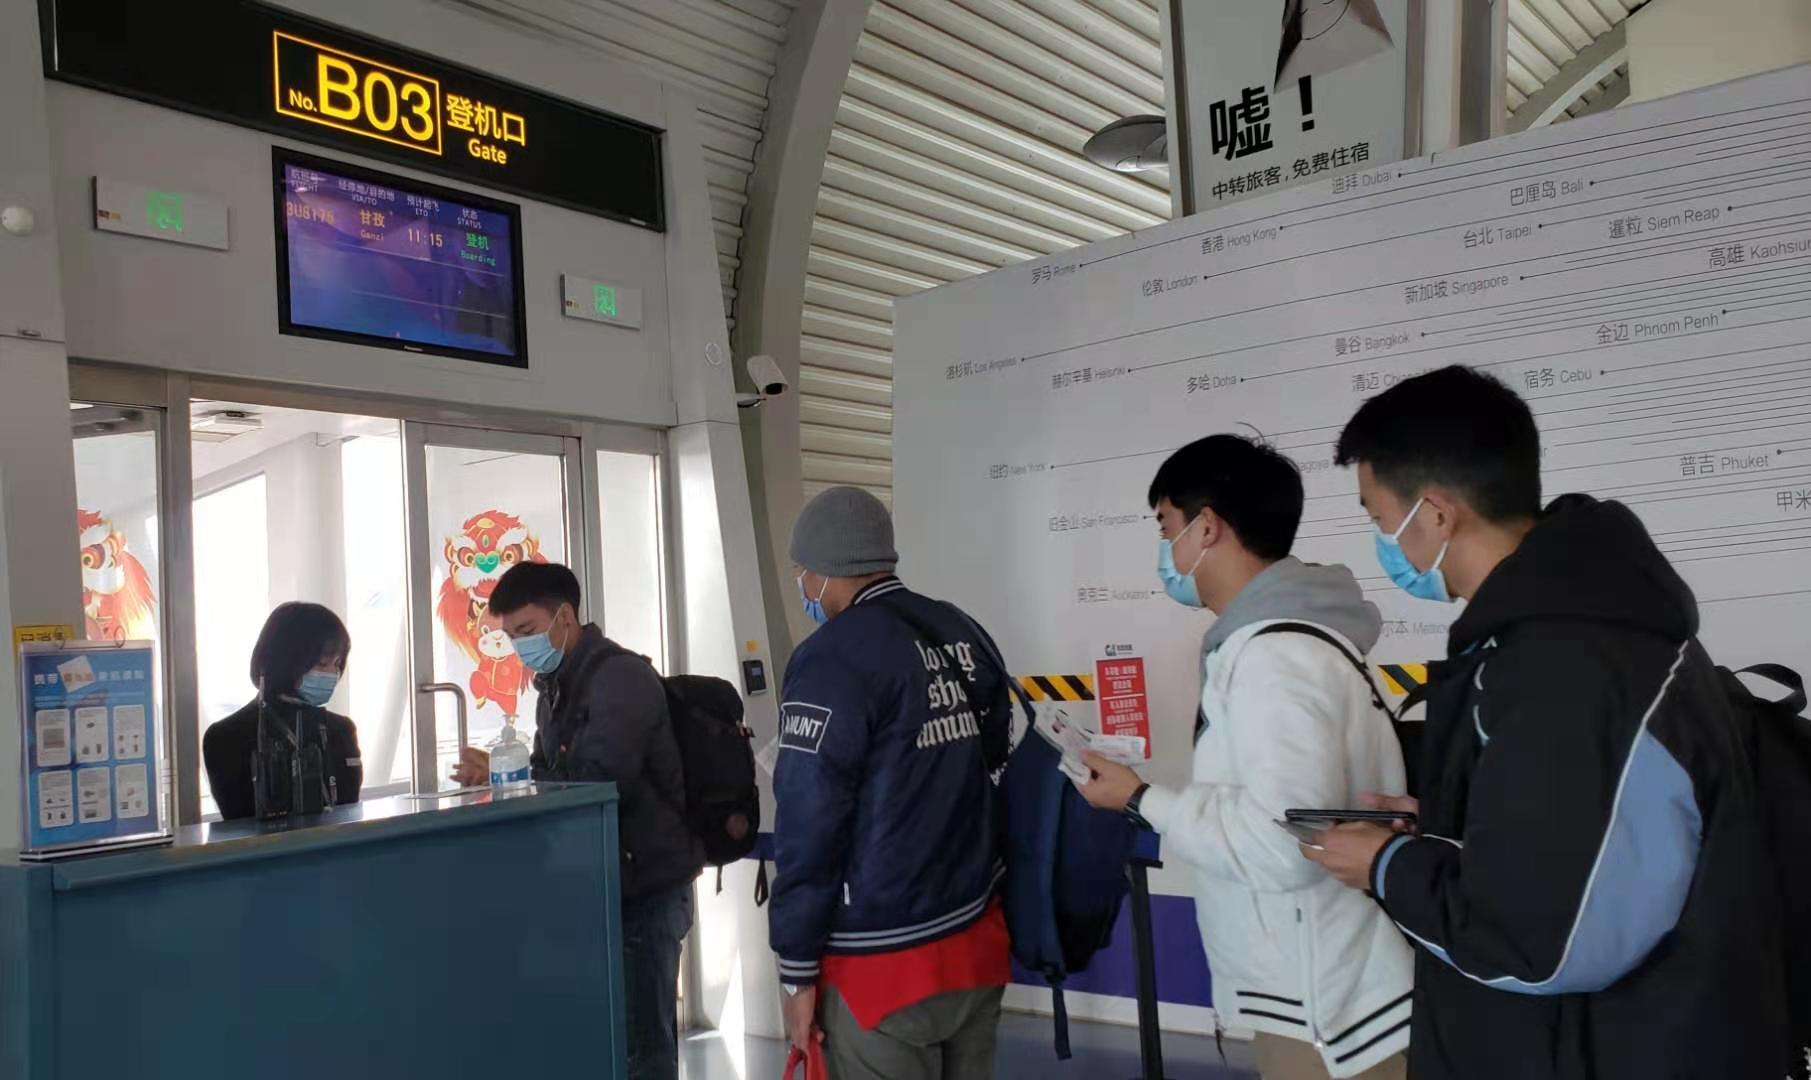 川航重庆=格萨尔航线今日首航 重庆到甘孜仅需1.5小时